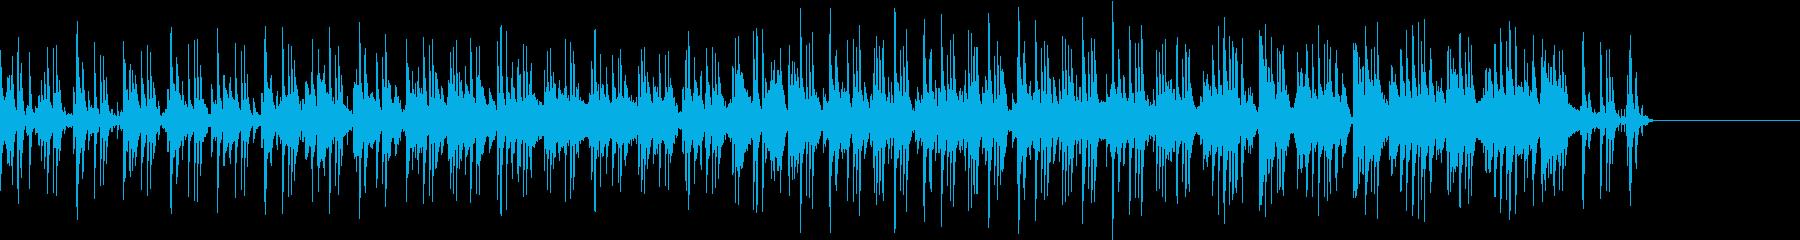 Jazzのピアノトリオ編成の速い曲ですの再生済みの波形